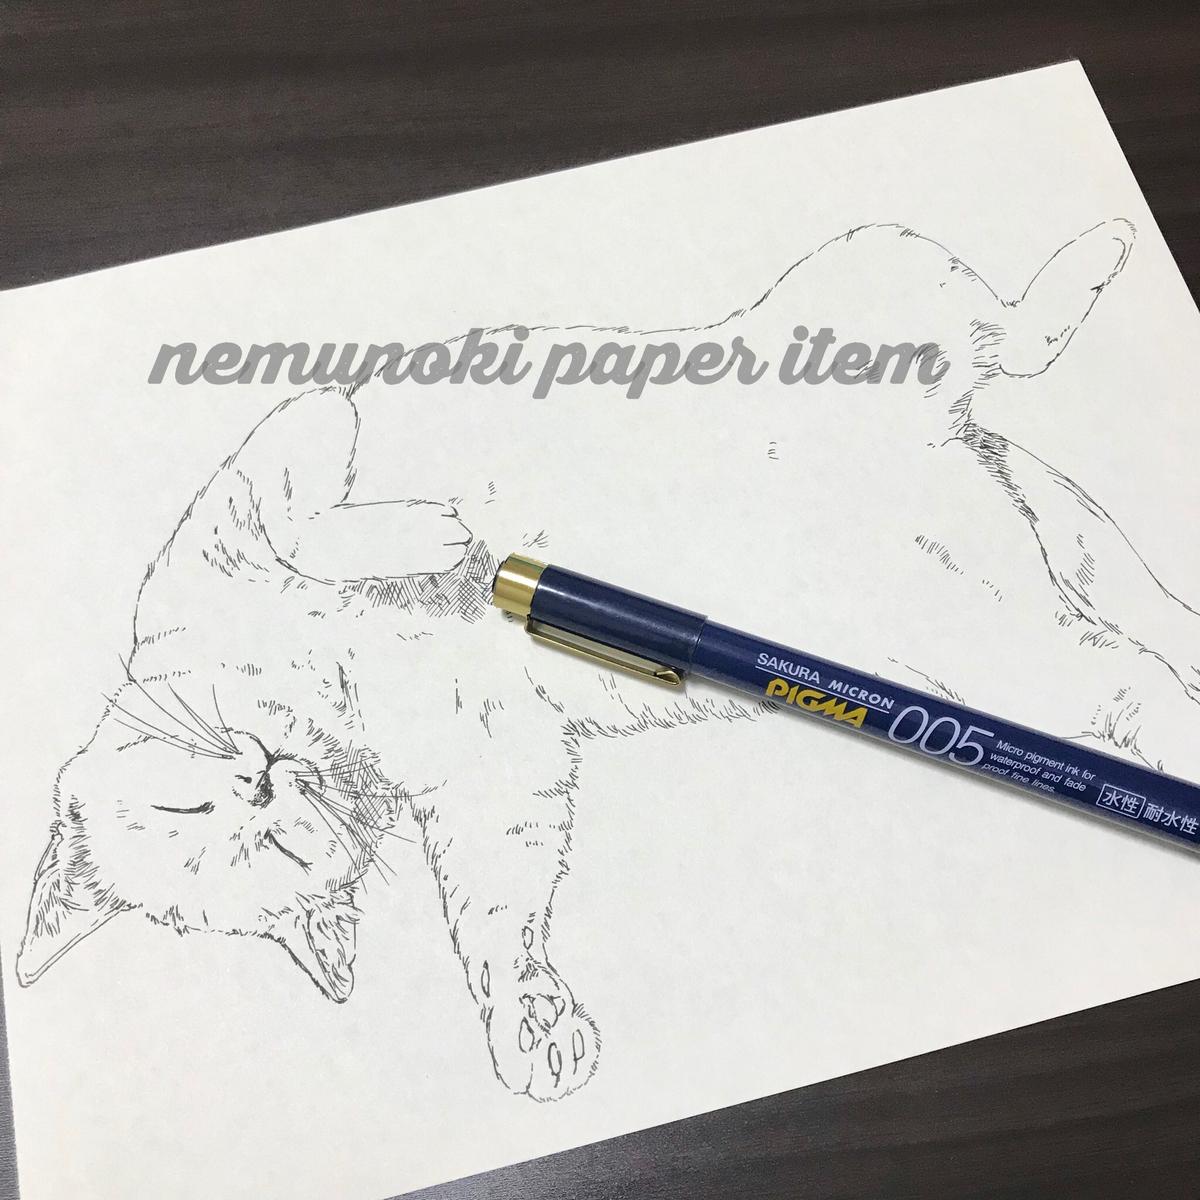 f:id:nemunoki-letter:20190914192521j:plain